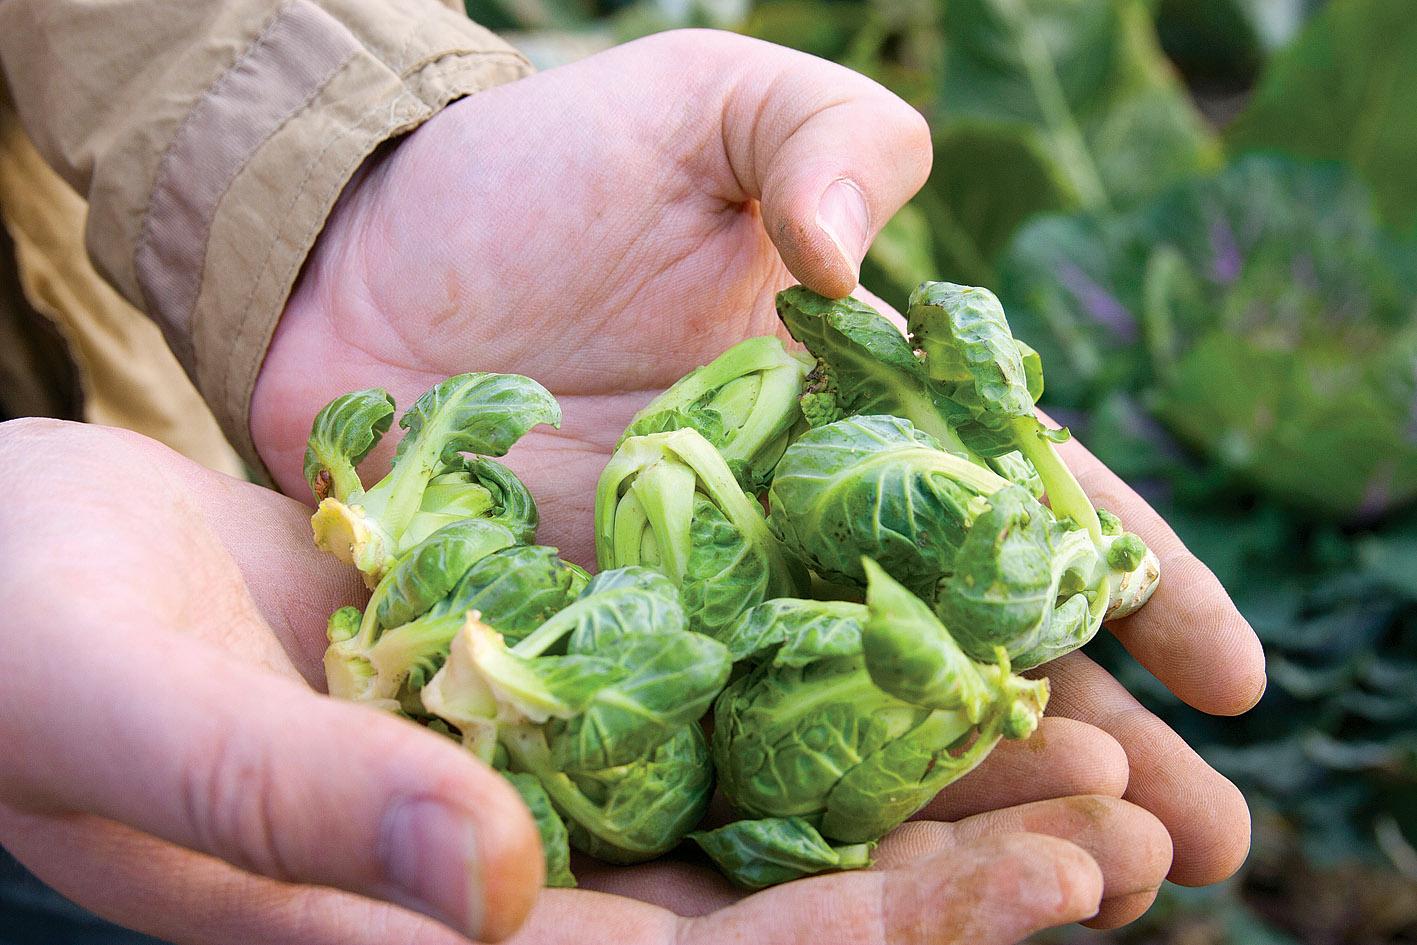 выращивание брюссельской капусты из семян пошагово + фото 1